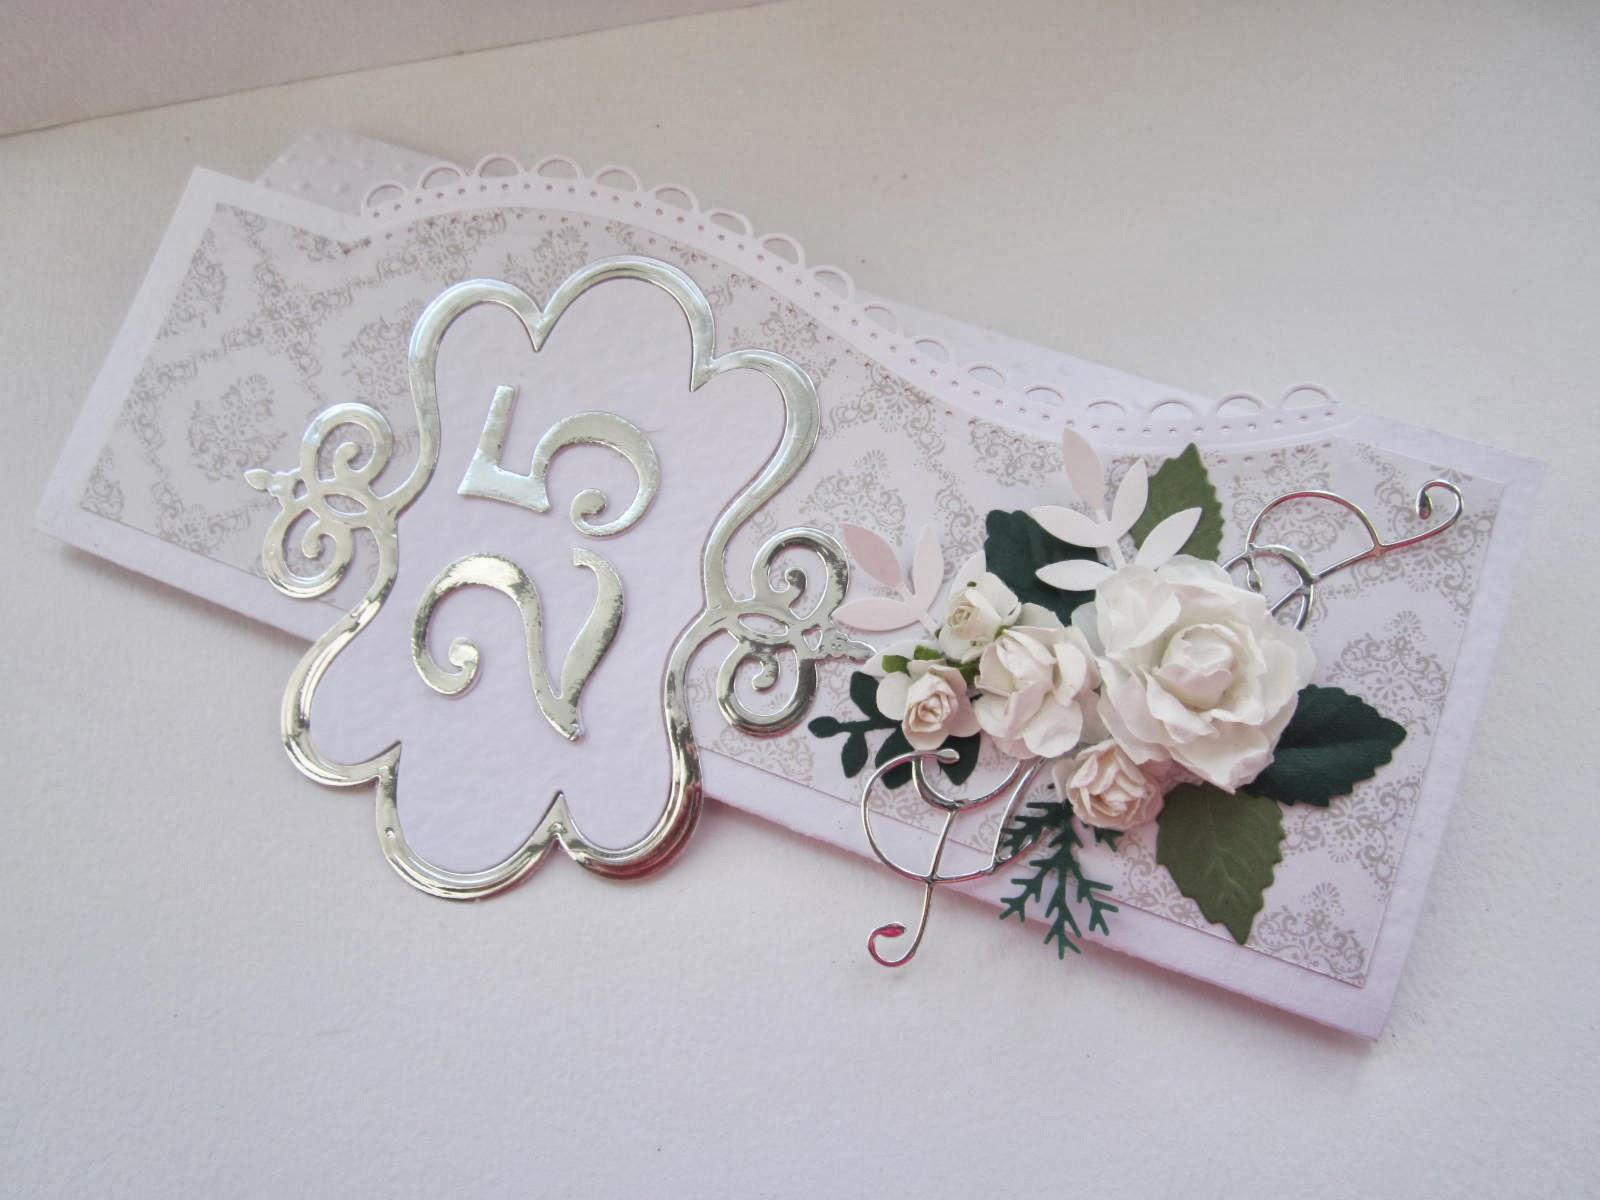 Серебряная свадьба открытки своими руками 10